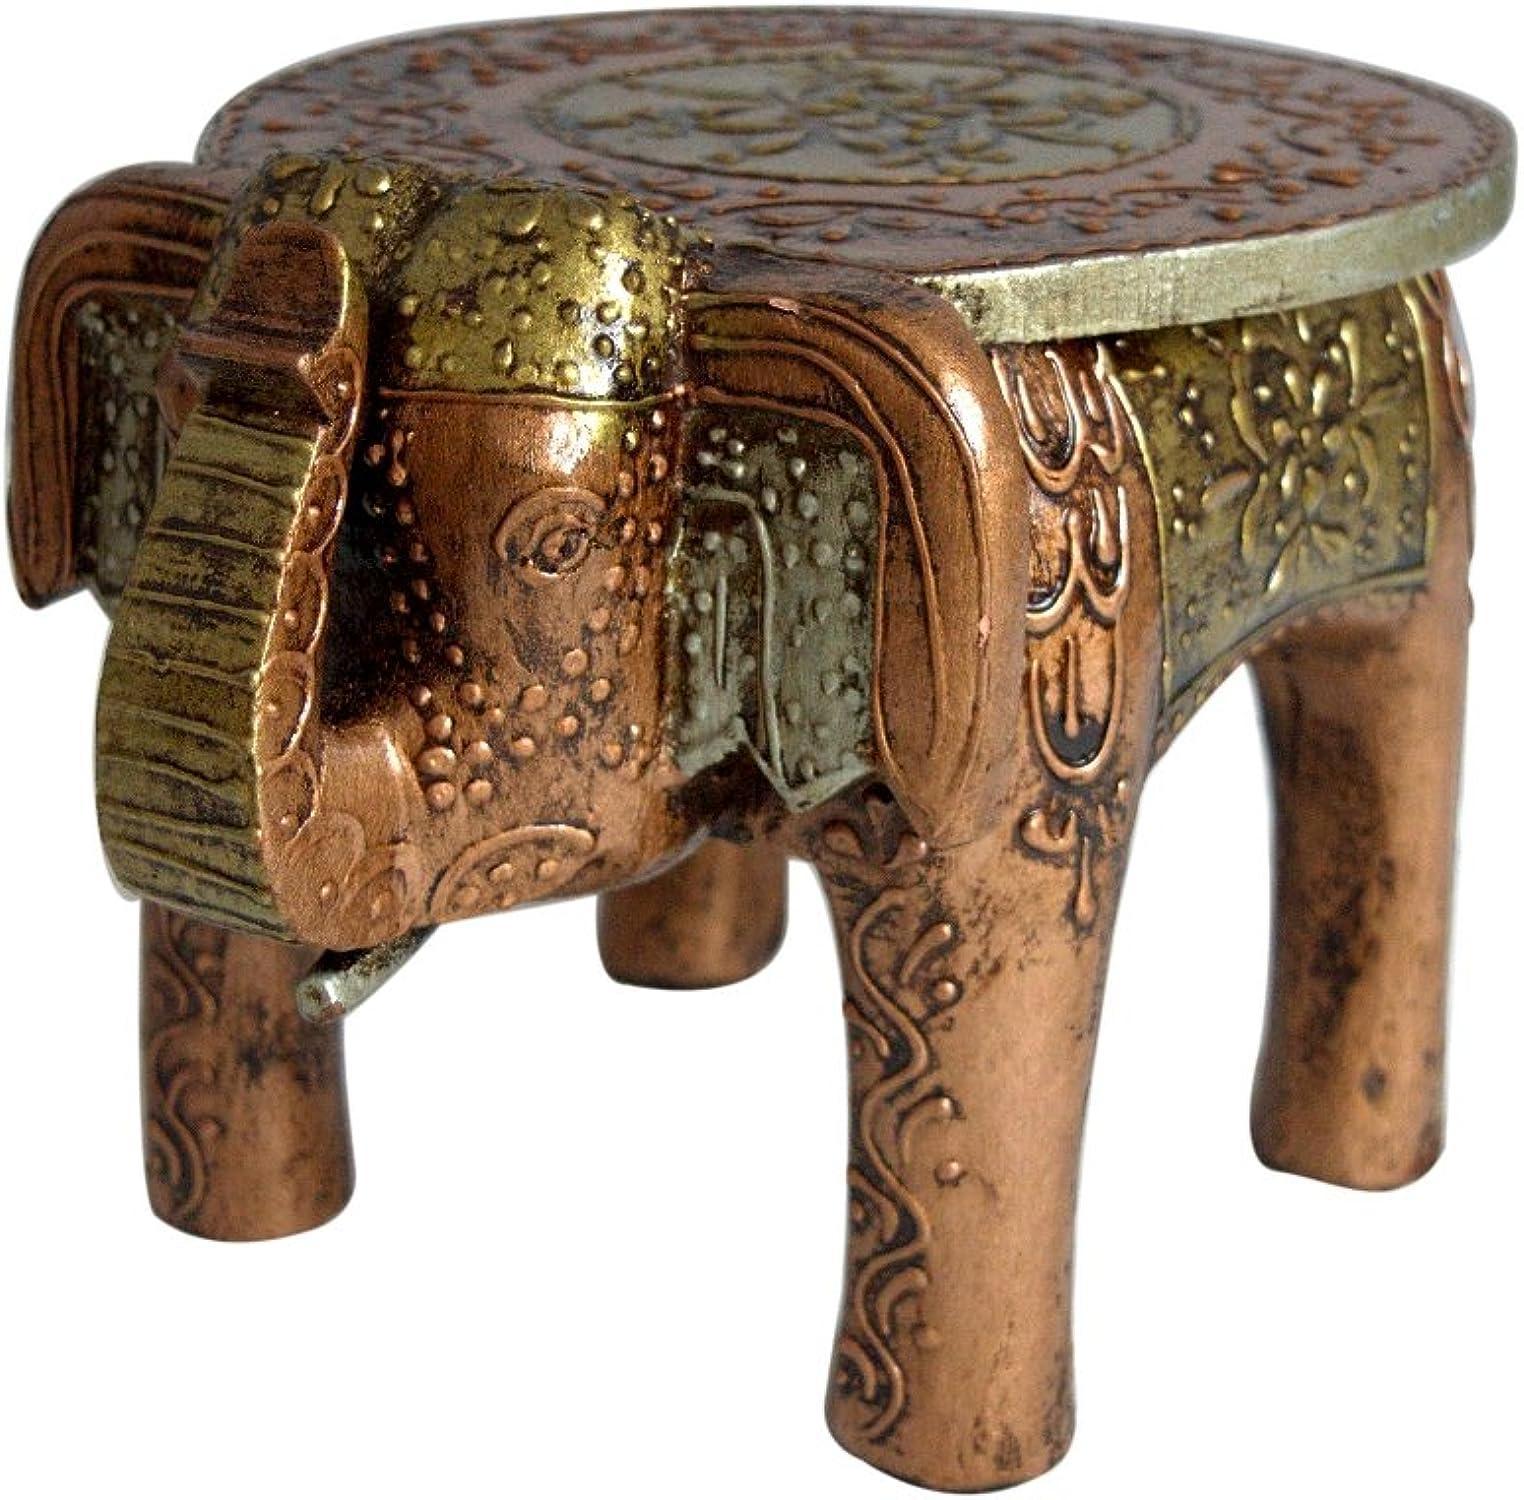 El nuevo outlet de marcas online. Jaipur handicrafts handicrafts handicrafts hub Taburete de Madera Hecho a Mano para Manualidades, decoración del hogar de Elefante, 20 cm  punto de venta de la marca